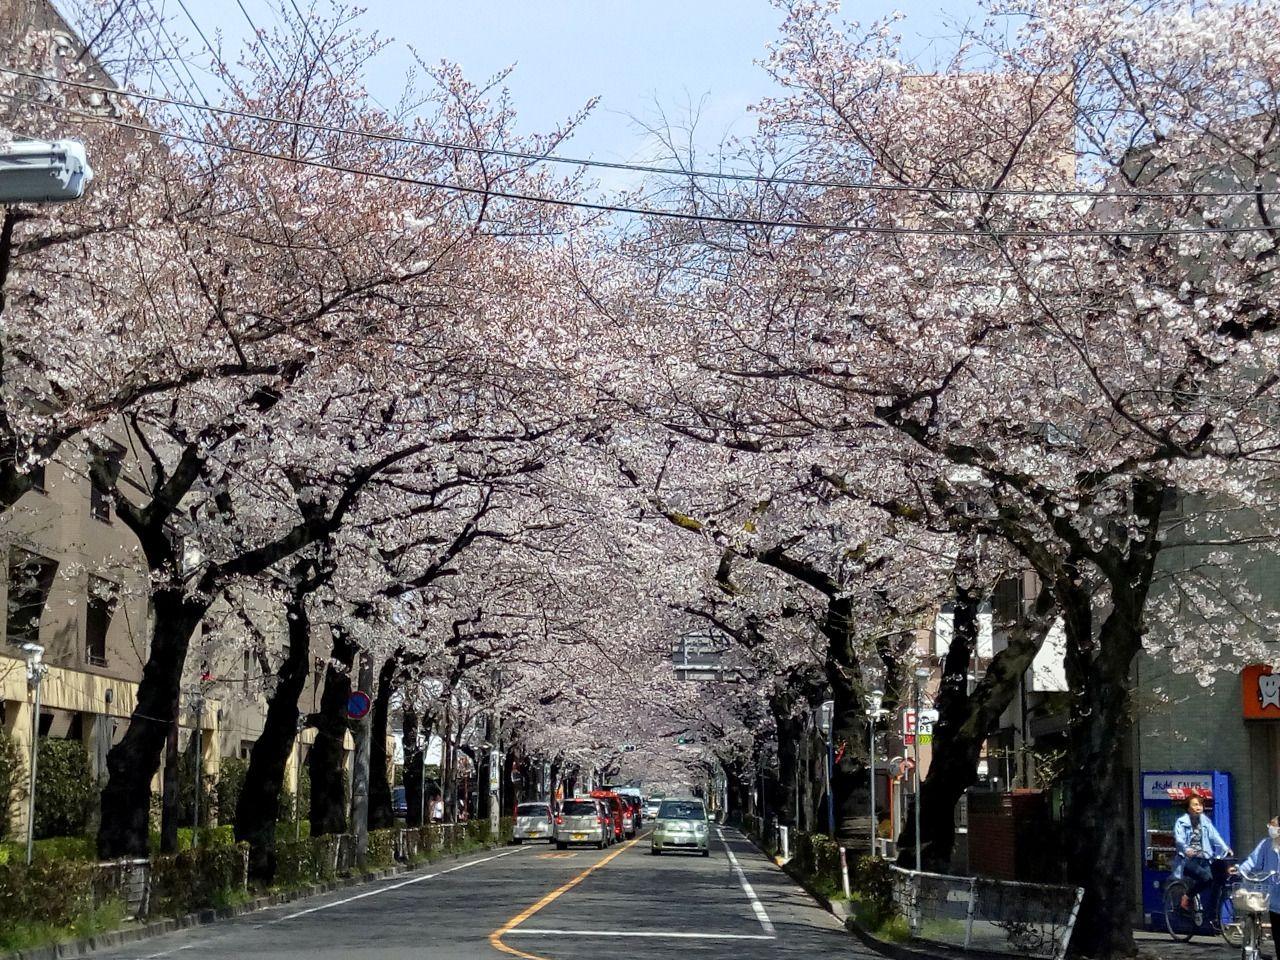 武蔵野市役所前の桜はアーチになっていて今が満開です